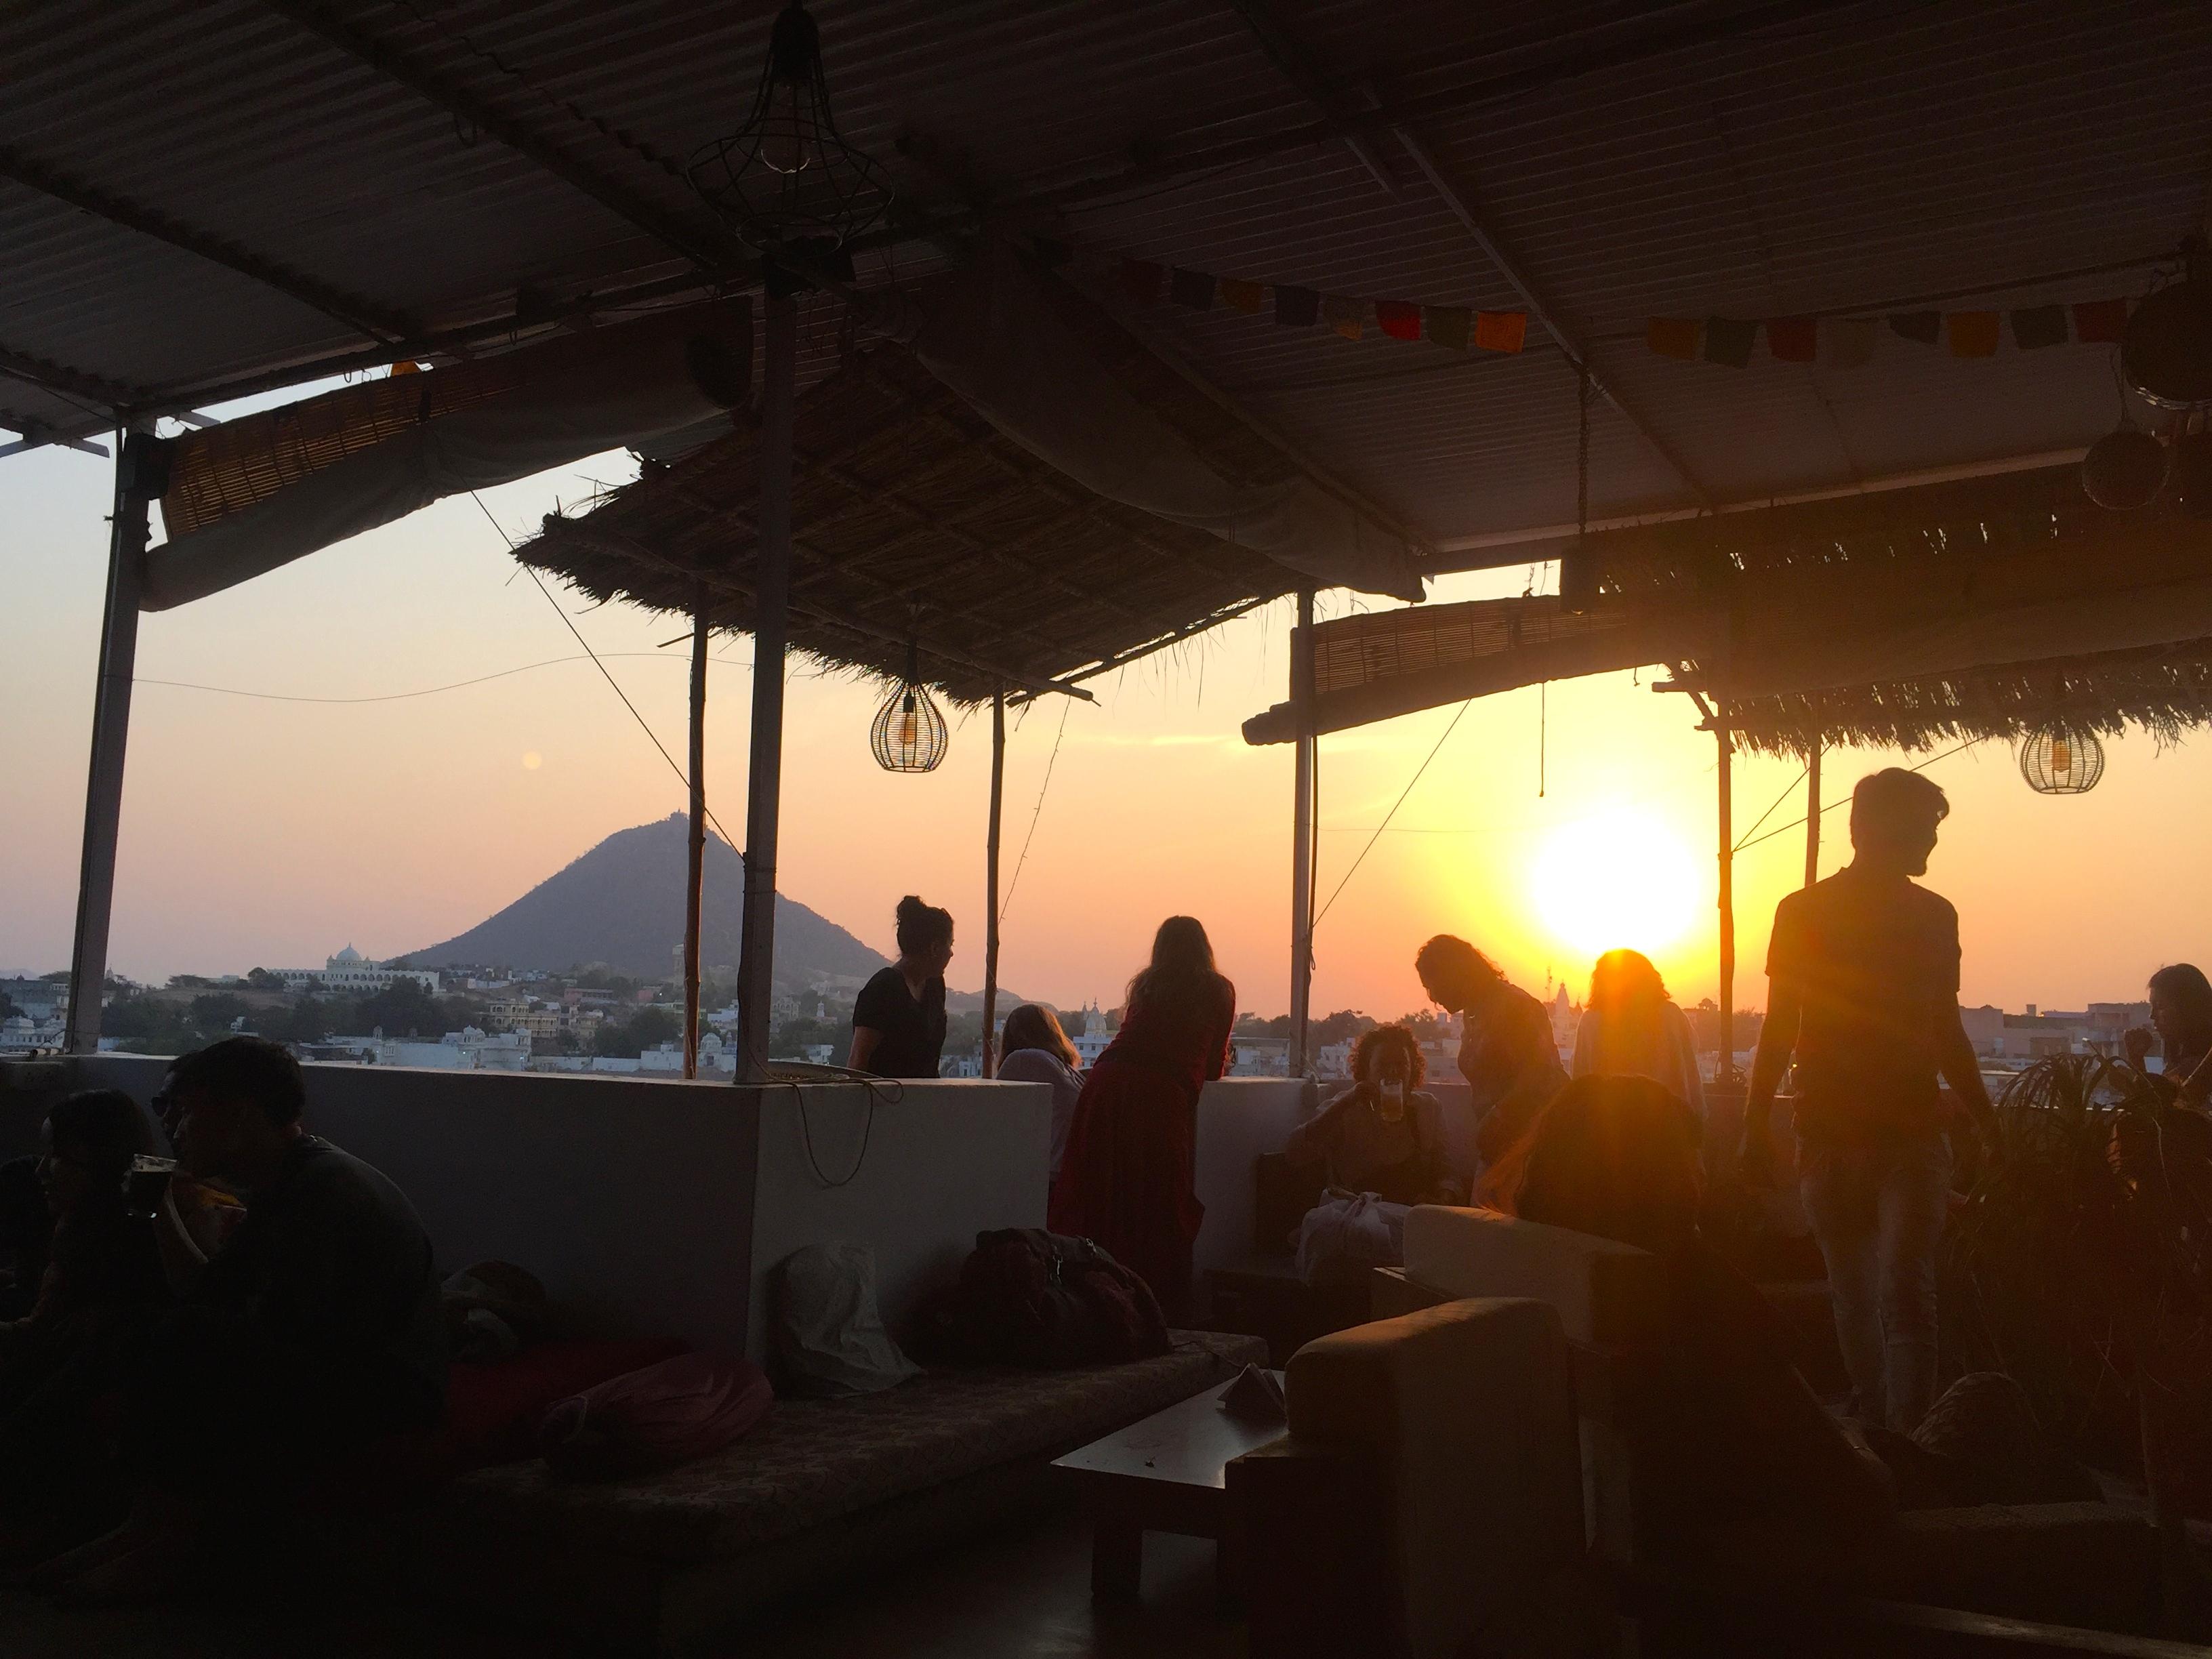 Menschen blicken von einer Dachterasse auf den Pushkar-See